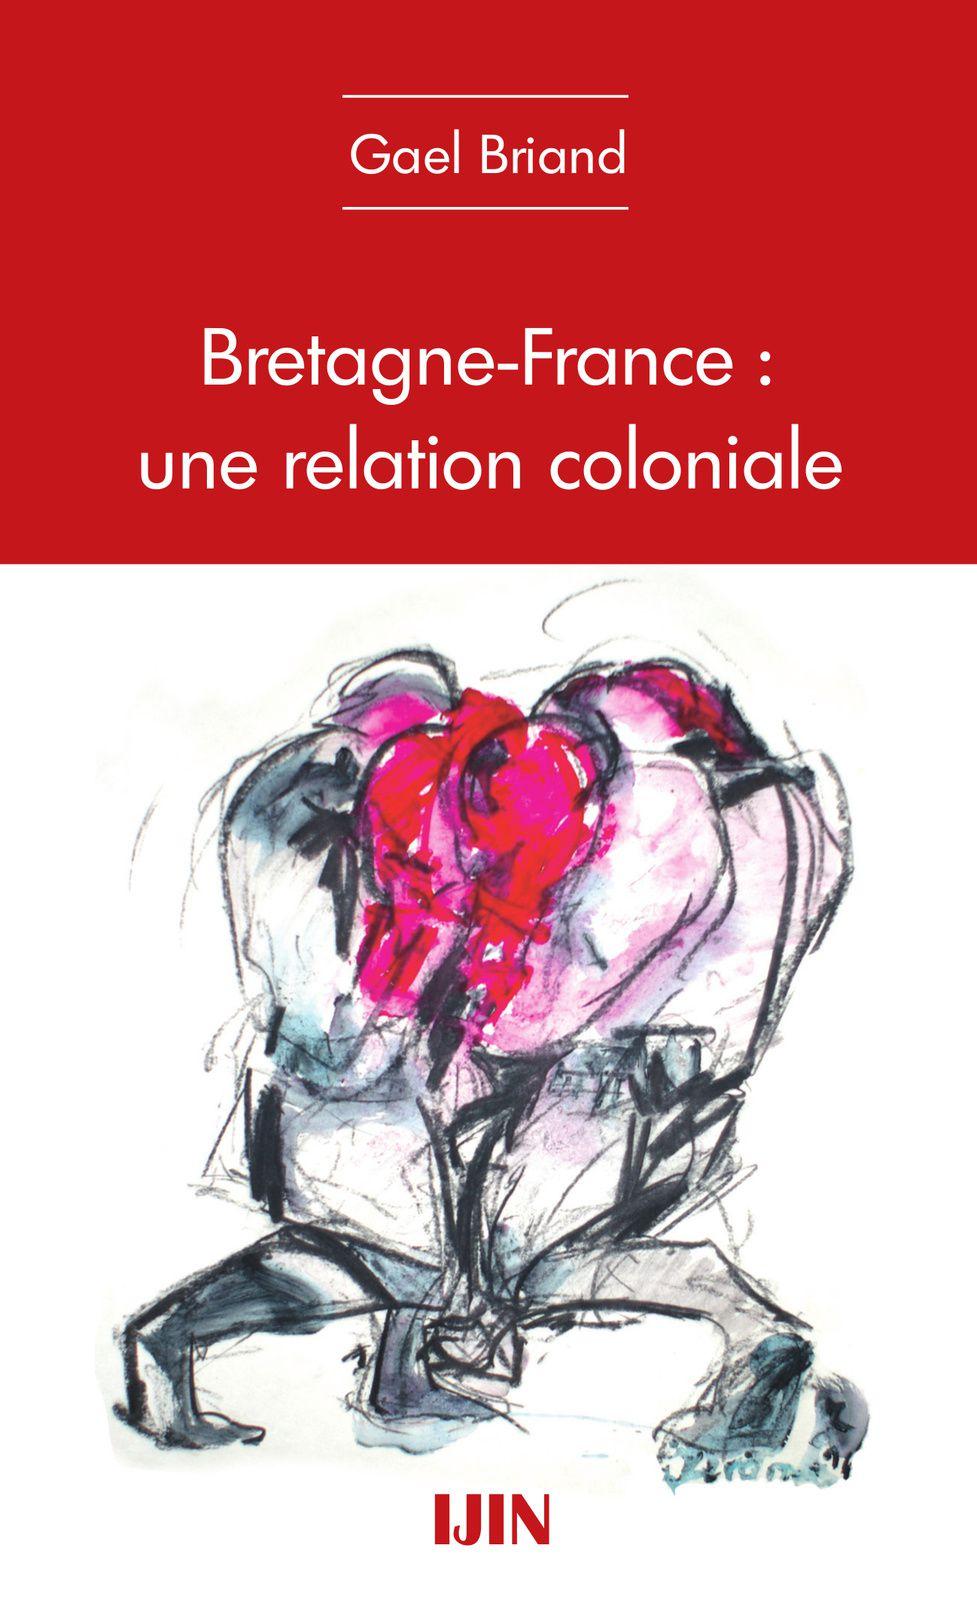 """A paraître fin avril, mon premier essai intitulé """"Bretagne-France: une relation coloniale"""".    « L'affirmation du soi du colonisé, née d'une protestation, continue de se définir par rapport à elle. En pleine révolte, le colonisé continue à penser, sentir et vivre contre et donc par rapport au colonisateur et à la colonisation […]. » Albert Memmi    C'est à partir de cette phrase que Gael Briand, rédacteur en chef du mensuel Le Peuple breton, brosse le rapport dominant-dominé existant entre l'État d'un côté et la Bretagne de l'autre. Car, loin d'être terminé, ce rapport colonial pressenti en Bretagne dès les années soixante continue de s'exprimer au xxie siècle. Plutôt que de réagir et donc de rejeter la France, il invite les Bretons à proposer et donc définir un projet de société breton.     En remettant au goût du jour le rapport dominants-dominés, un peu trop rapidement abandonné, Gael Briand souhaite aussi redonner du contenu à une gauche qui, poussée par un courant libéral de plus en plus prononcé dans ses rangs, renonce petit à petit à ses valeurs. Il en profite pour revisiter certains concepts comme l'État, le colonialisme…    Editions IJIN, 56 pages, 6 €"""